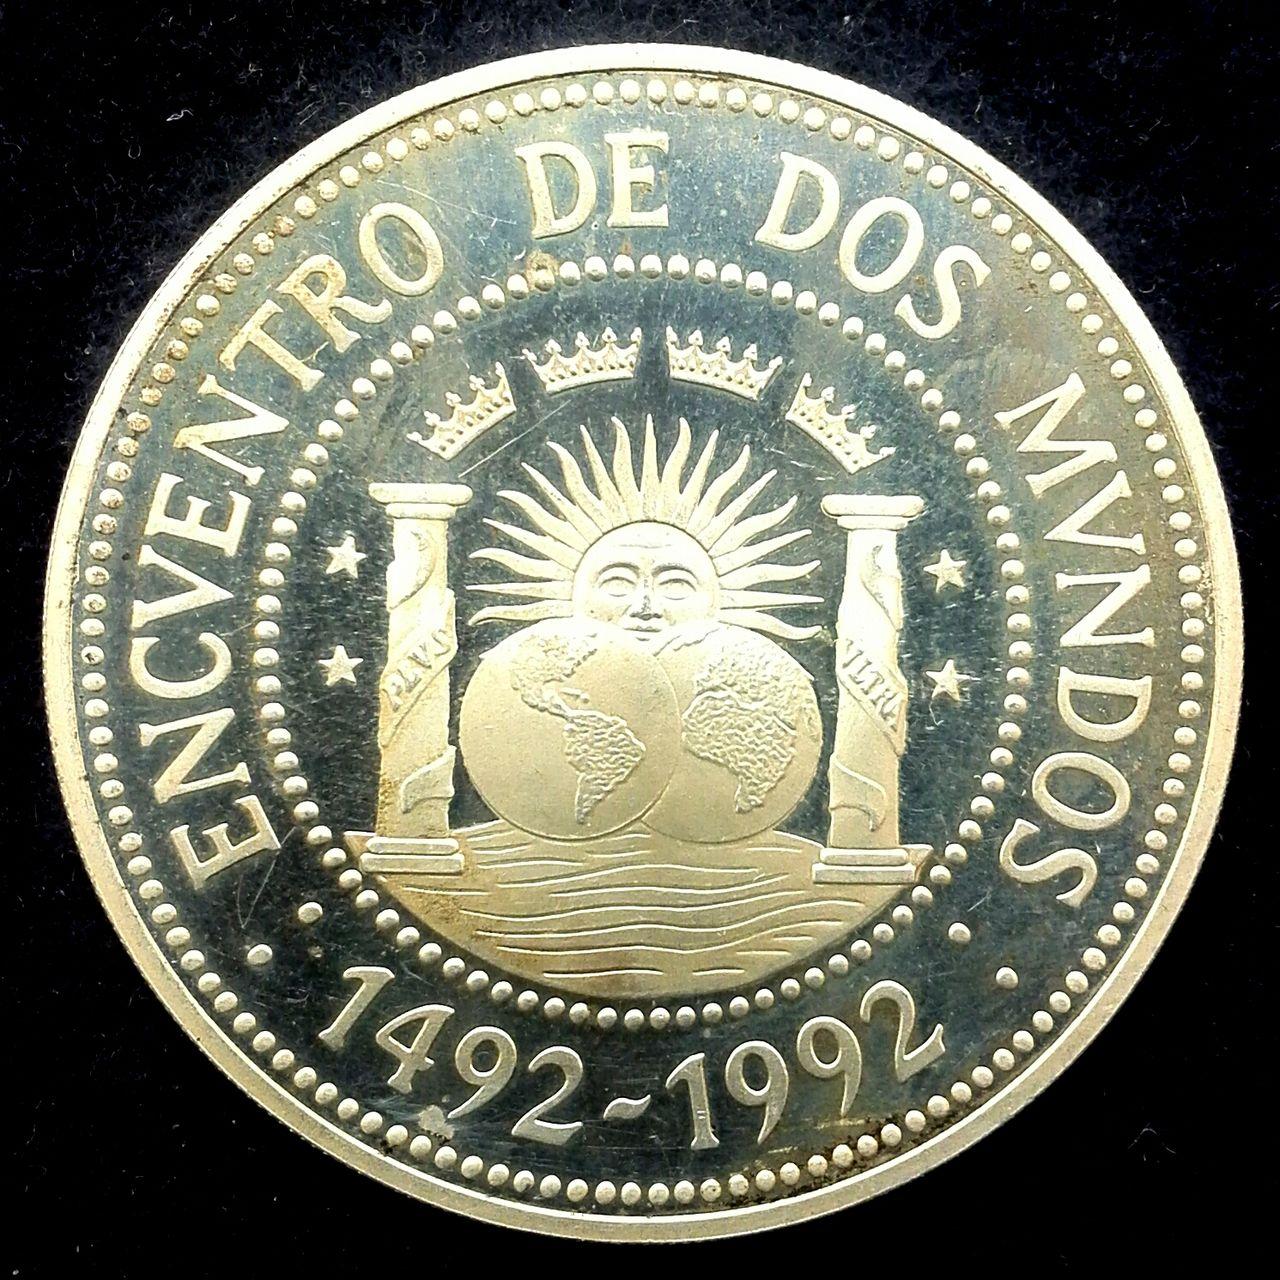 Moneda 1.000 australes - Encuentro de dos mundos - Dedicada a flekyangel IMG_20140602_100826